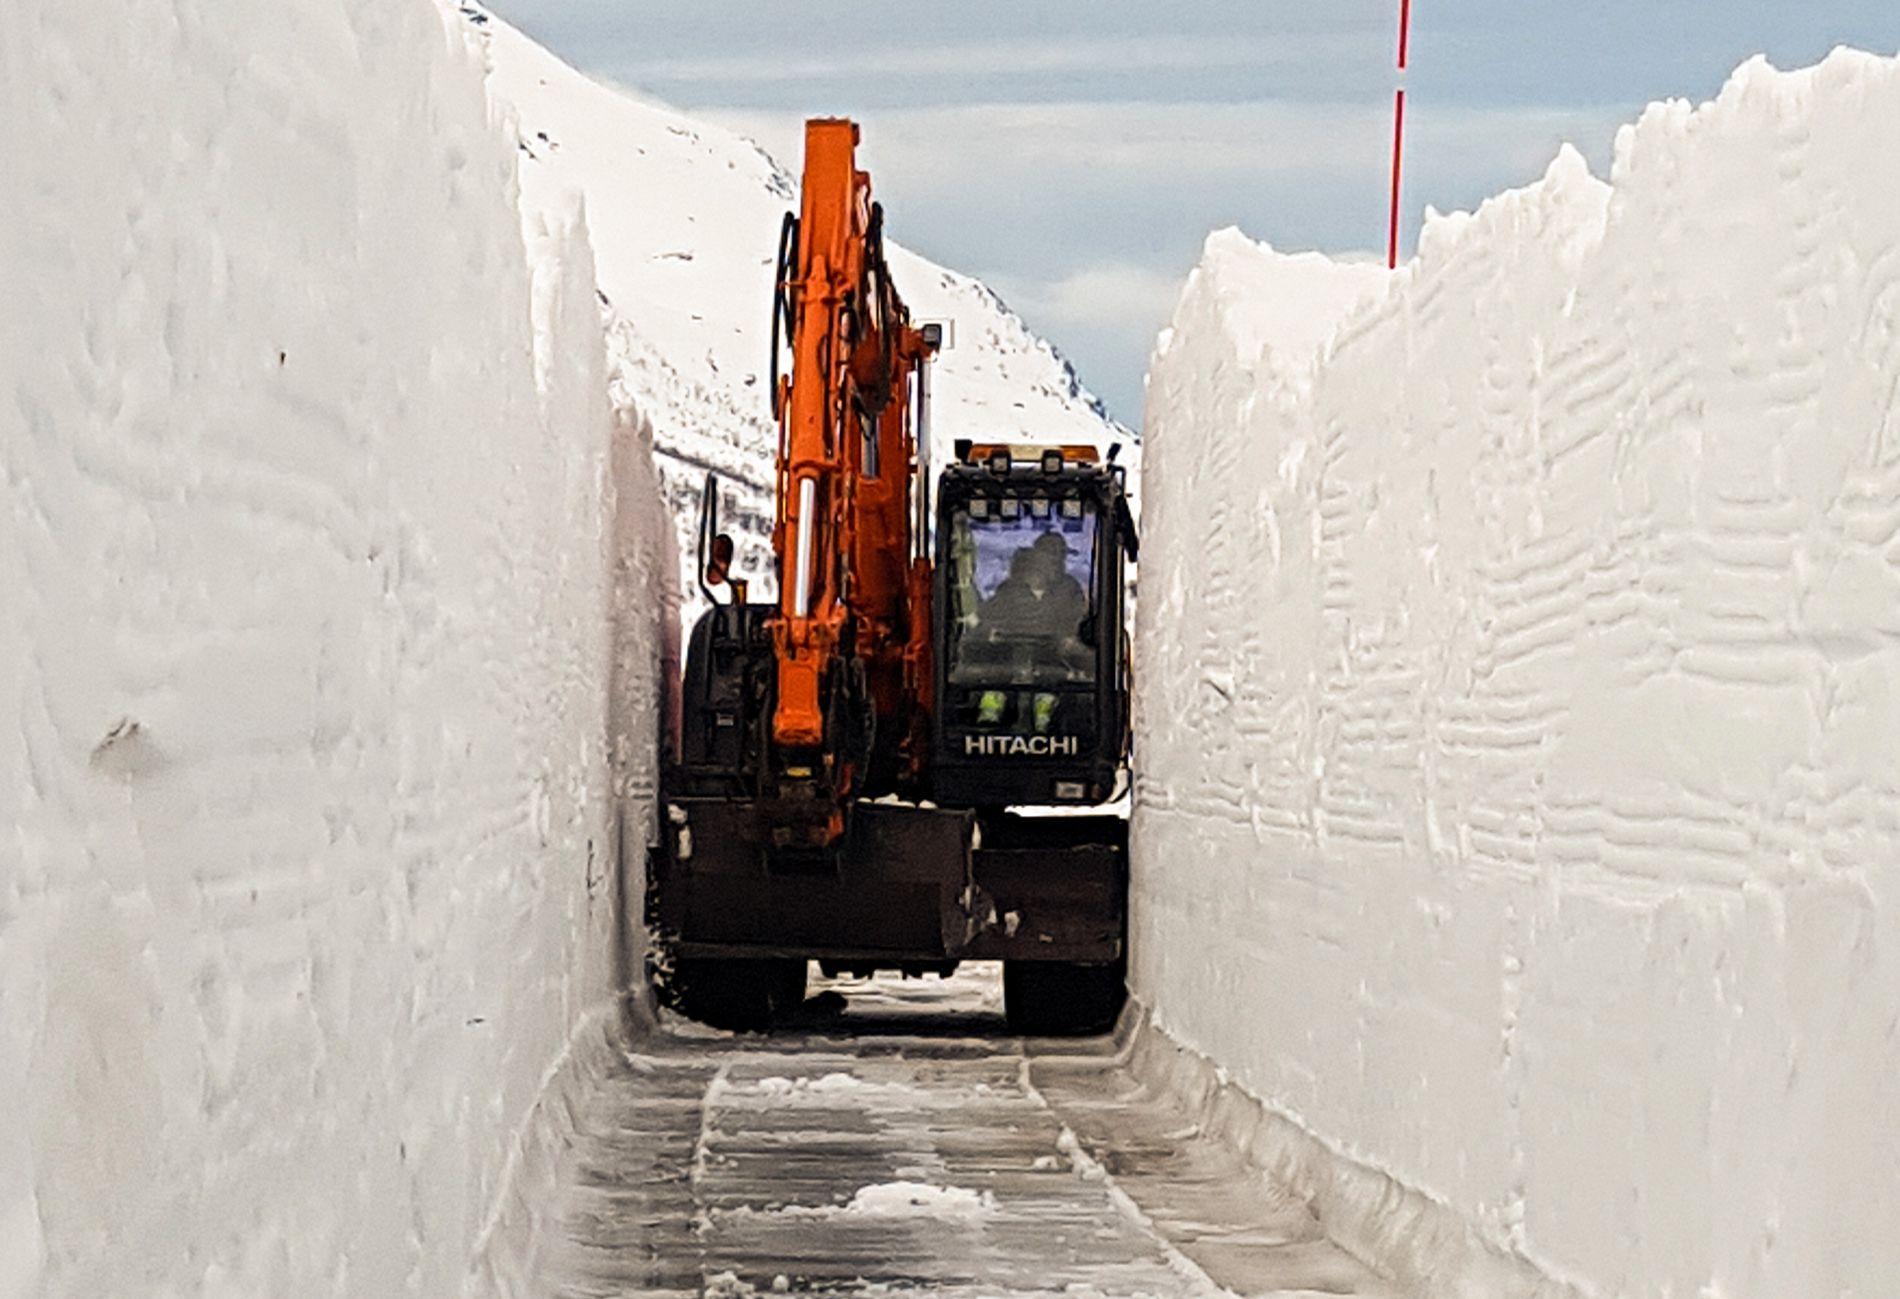 SNØMENGDER: Slik så det ut på Arnøya i Troms denne uken etter at et større snøskred hadde gått. Det er hektiske dager for snørydderne fra Brødrene Albrigtsen AS.